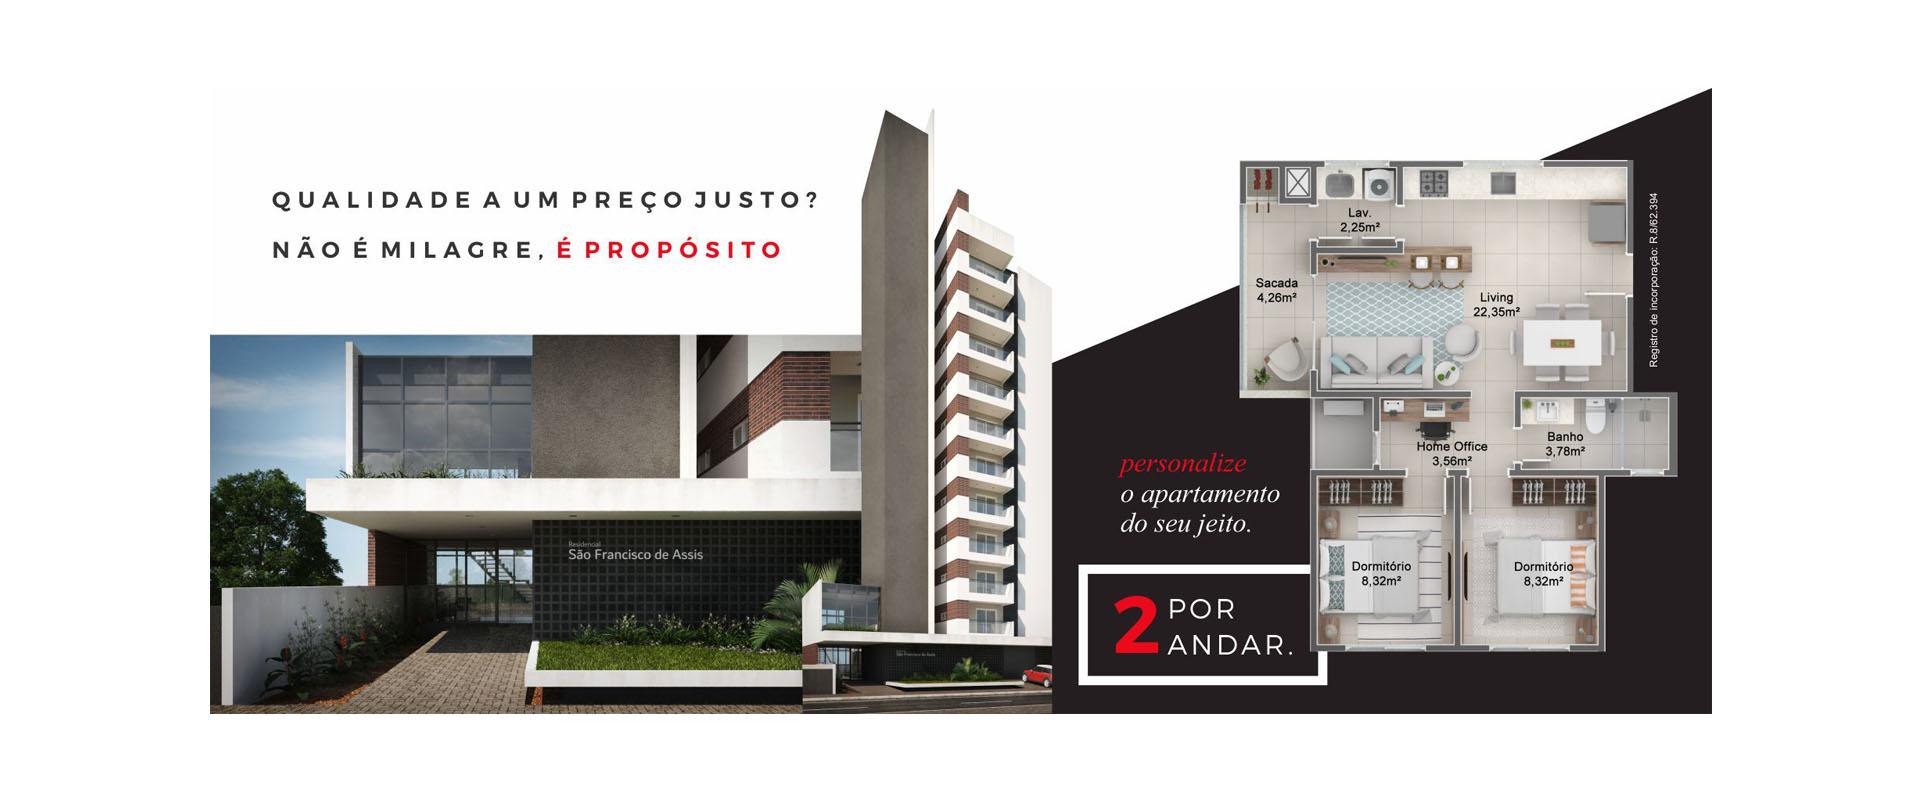 RESIDENCIAL SÃO FRANCISCO DE ASSIS